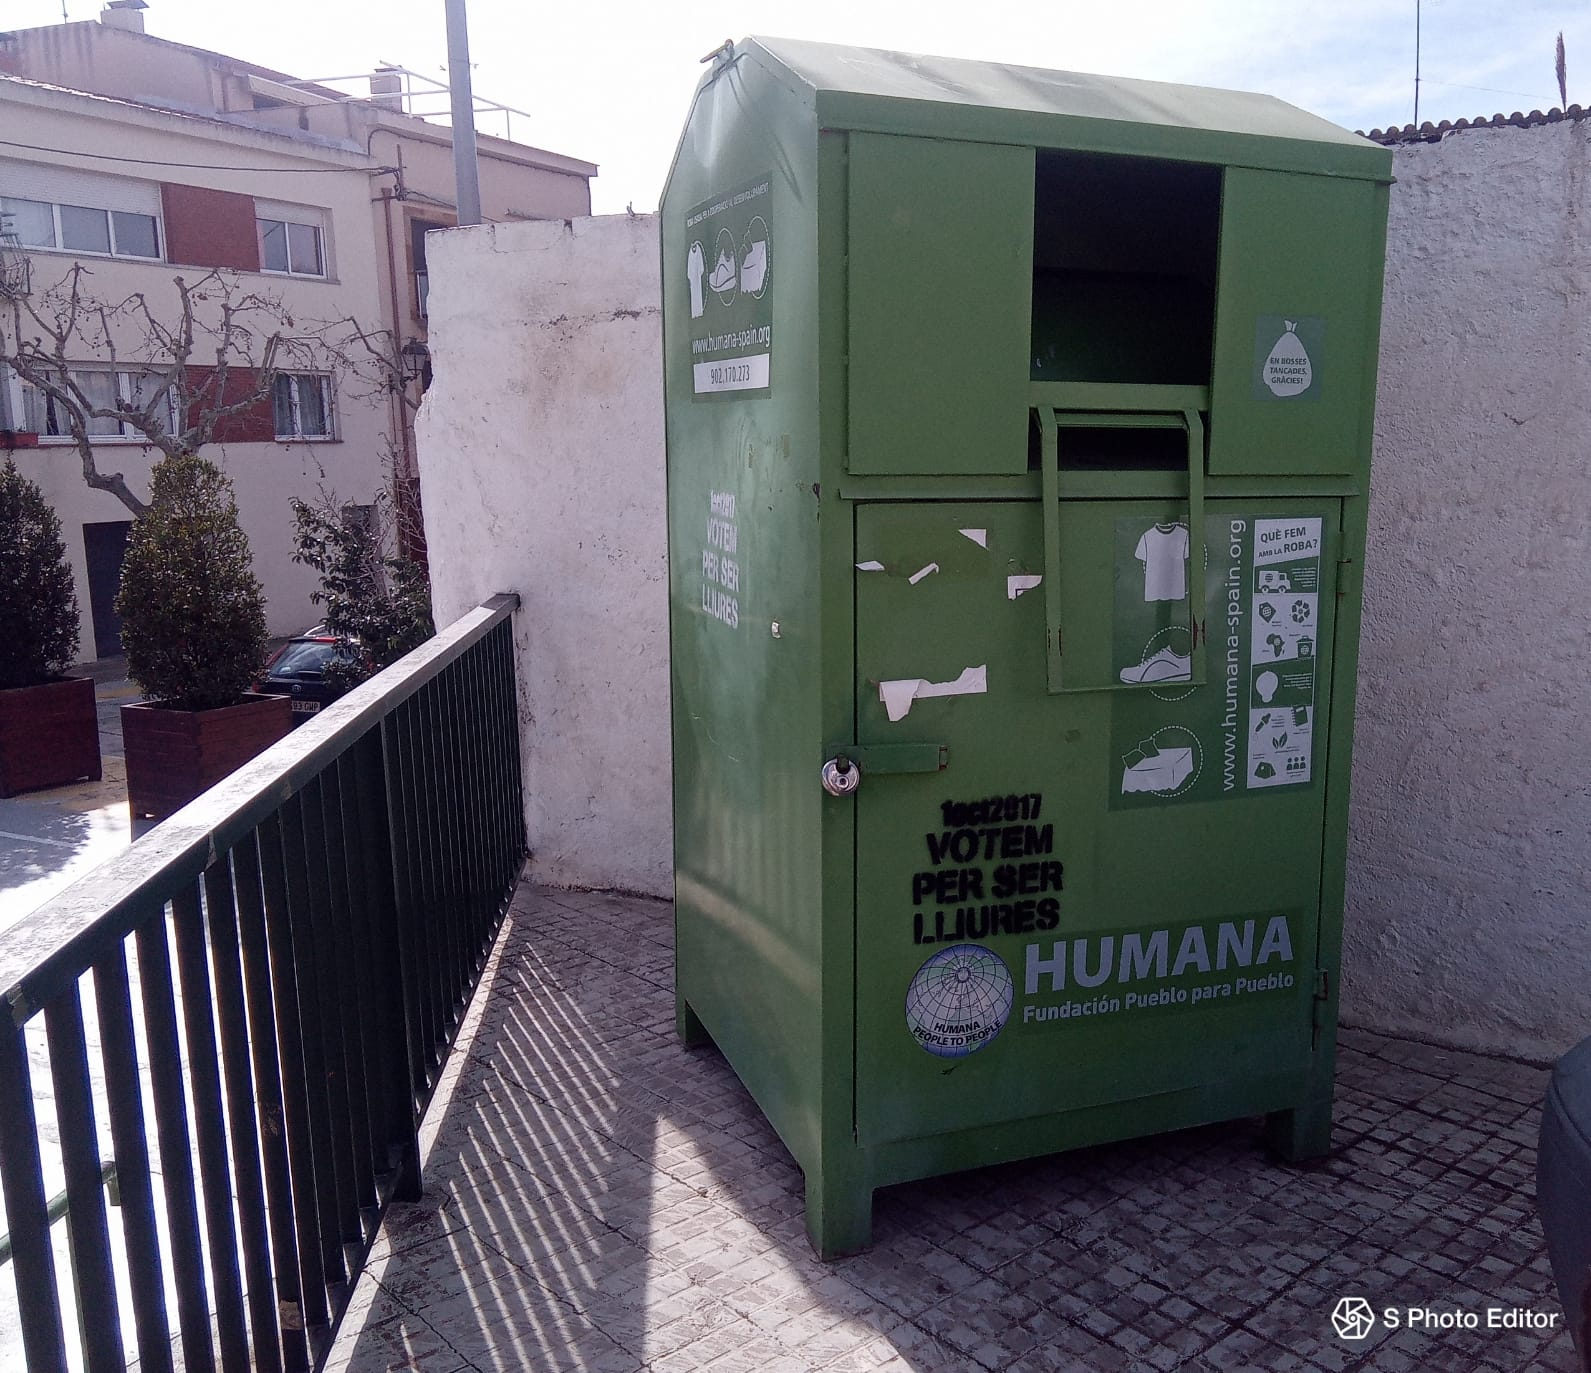 Canvi d'ubicació d'un dels contenidors de roba d'Humana